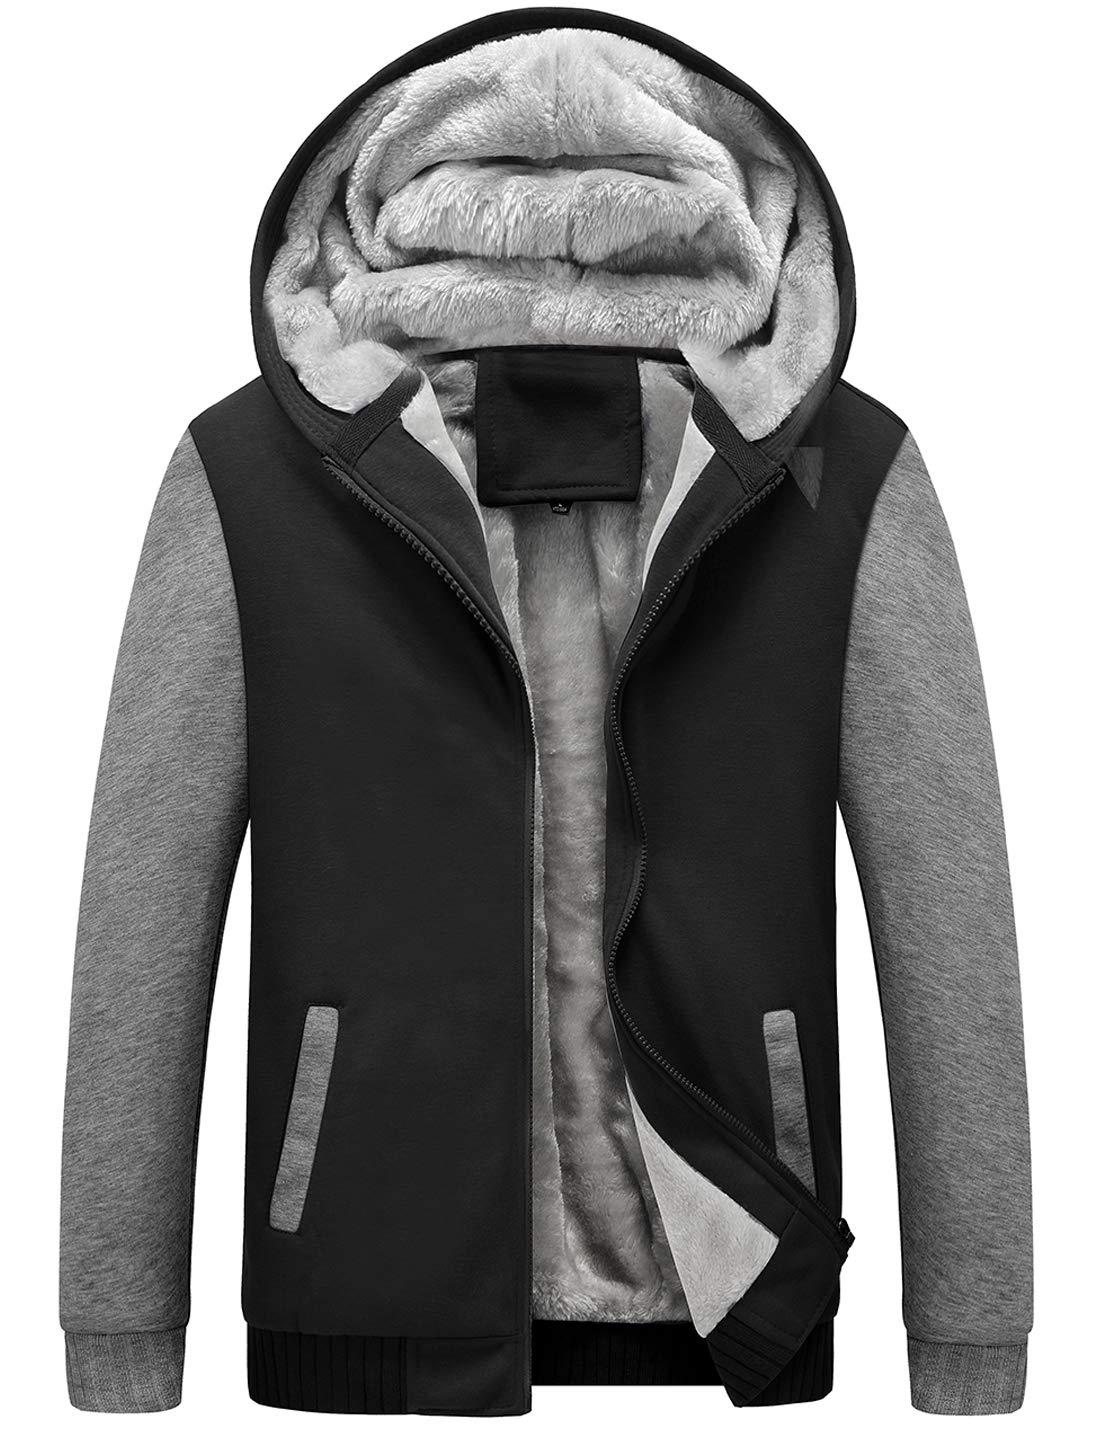 Yeokou Men's Winter Thicken Fleece Sherpa Lined Zipper Hoodie Sweatshirt Jacket (Large, Z Black Grey001) by Yeokou